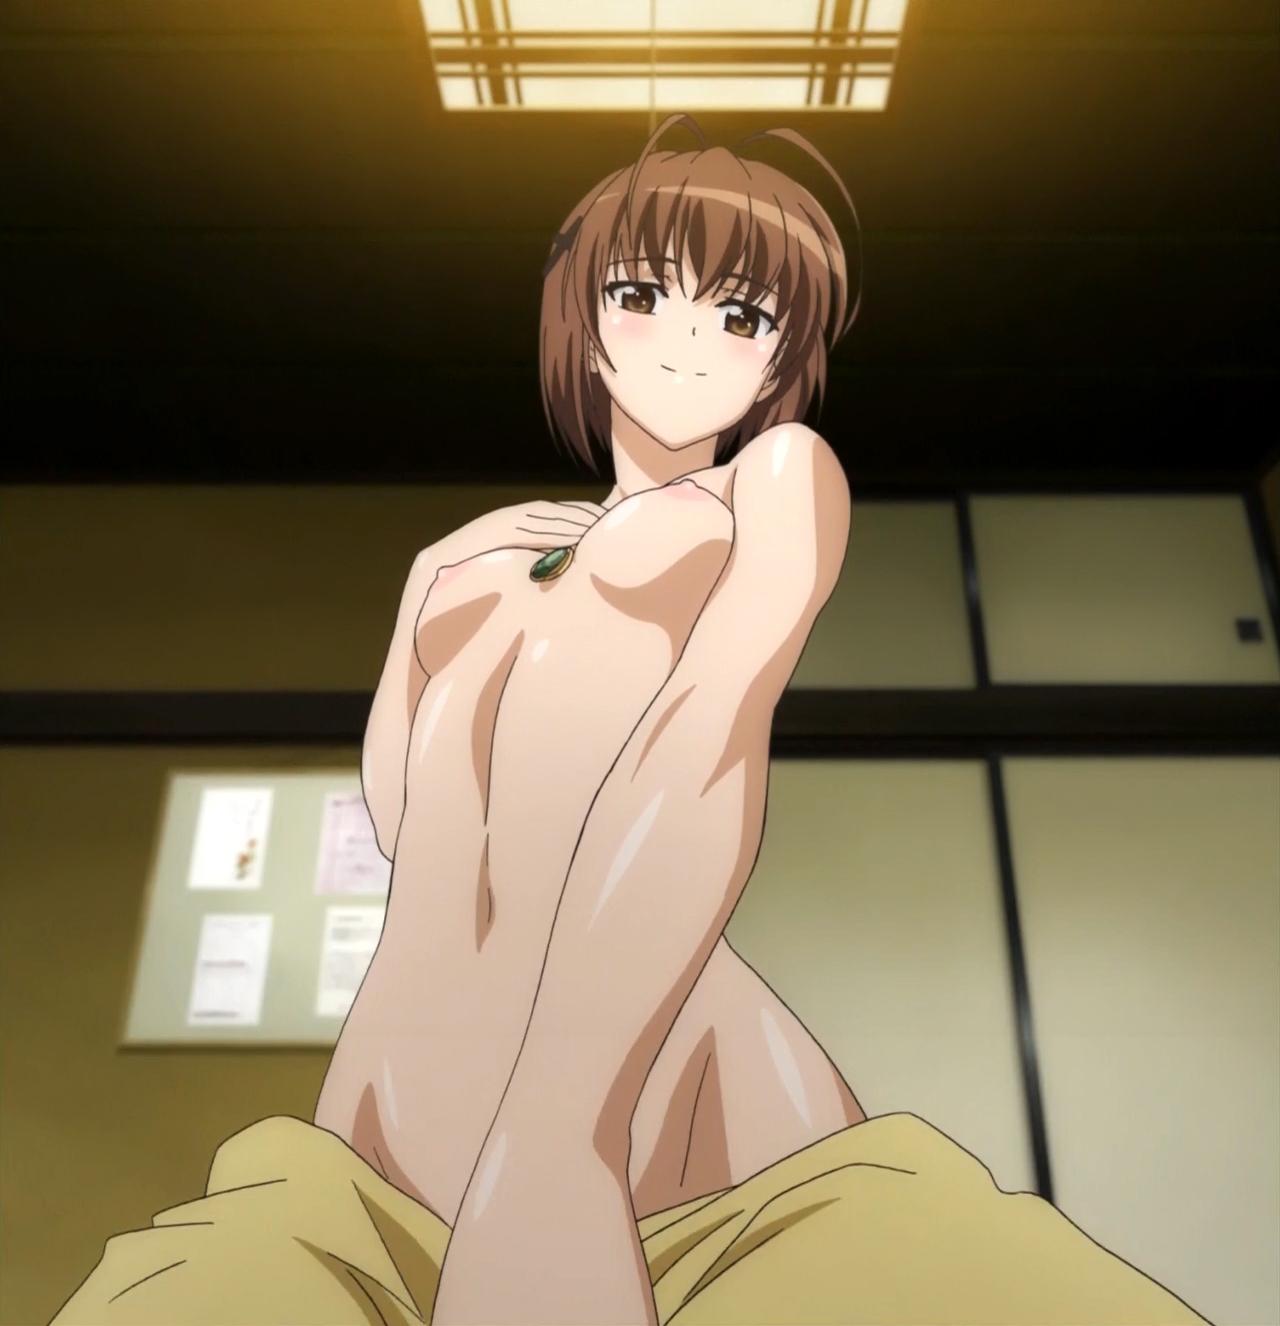 Elfen lied pic hentai pregnant fucks photo